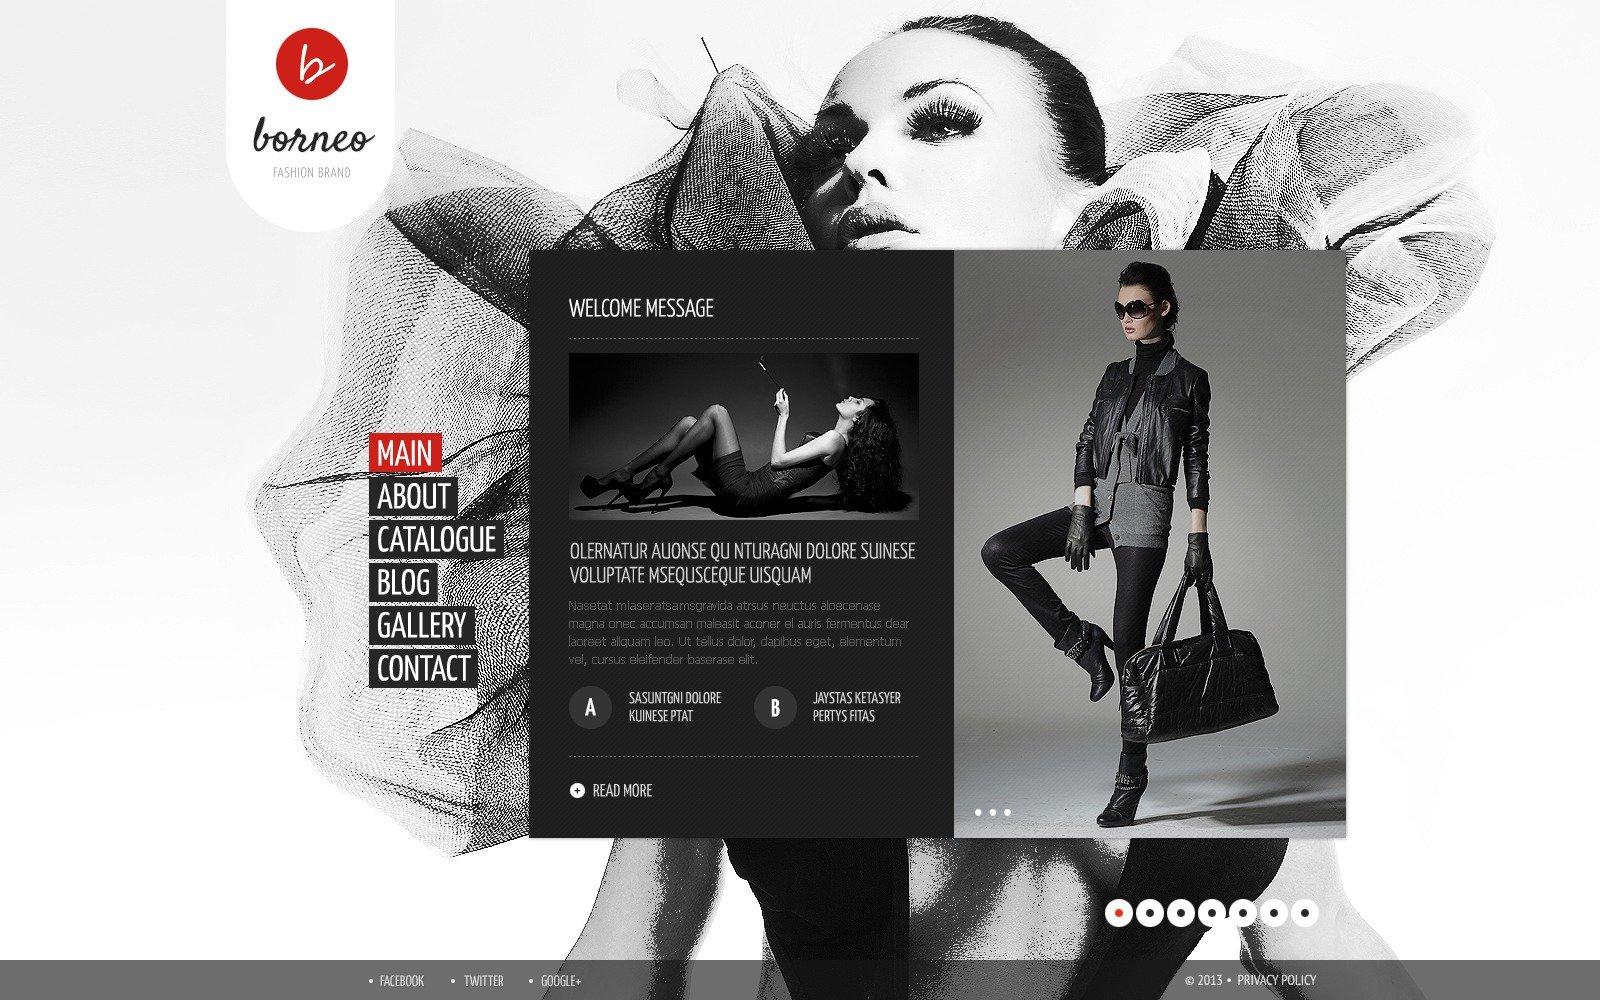 衣服网店网页模板 #43427 - 截图